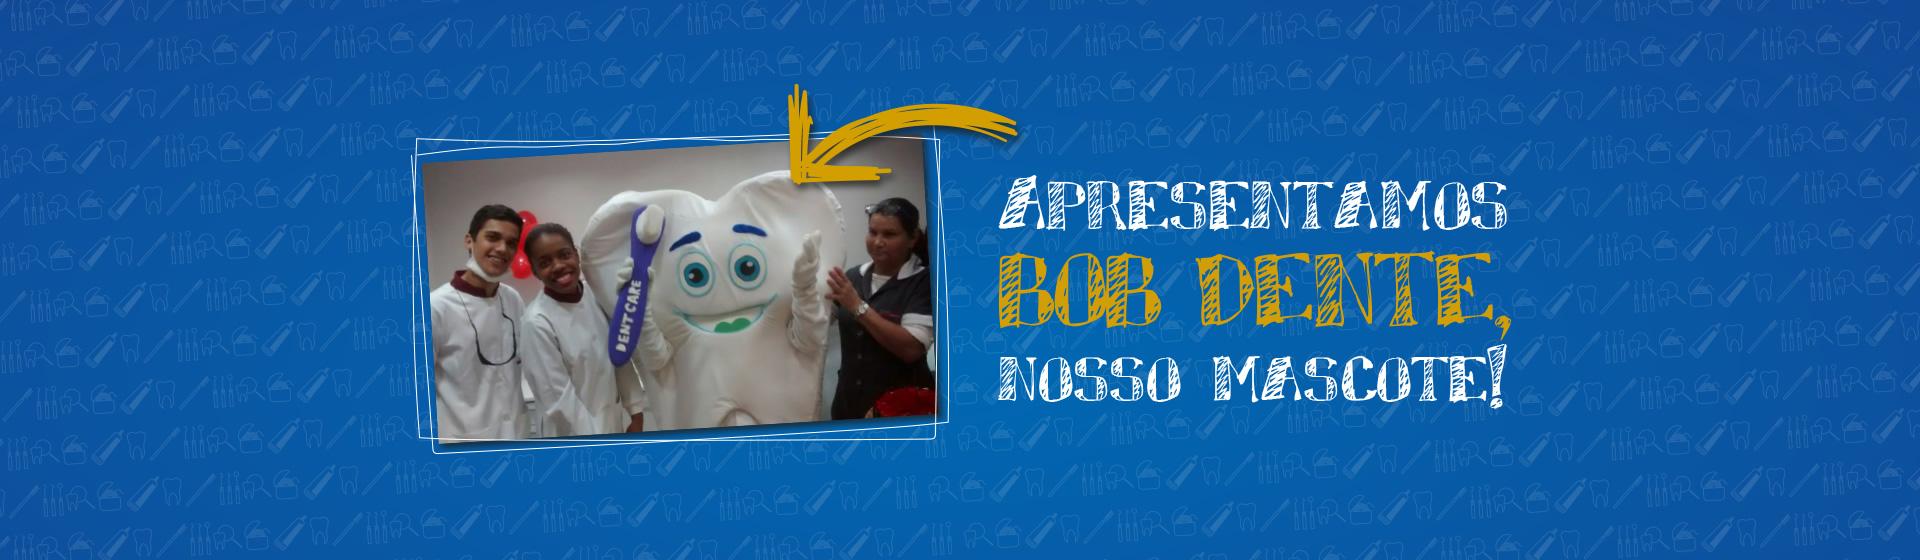 Banner_Site_Promocao_Mascote_Resultado